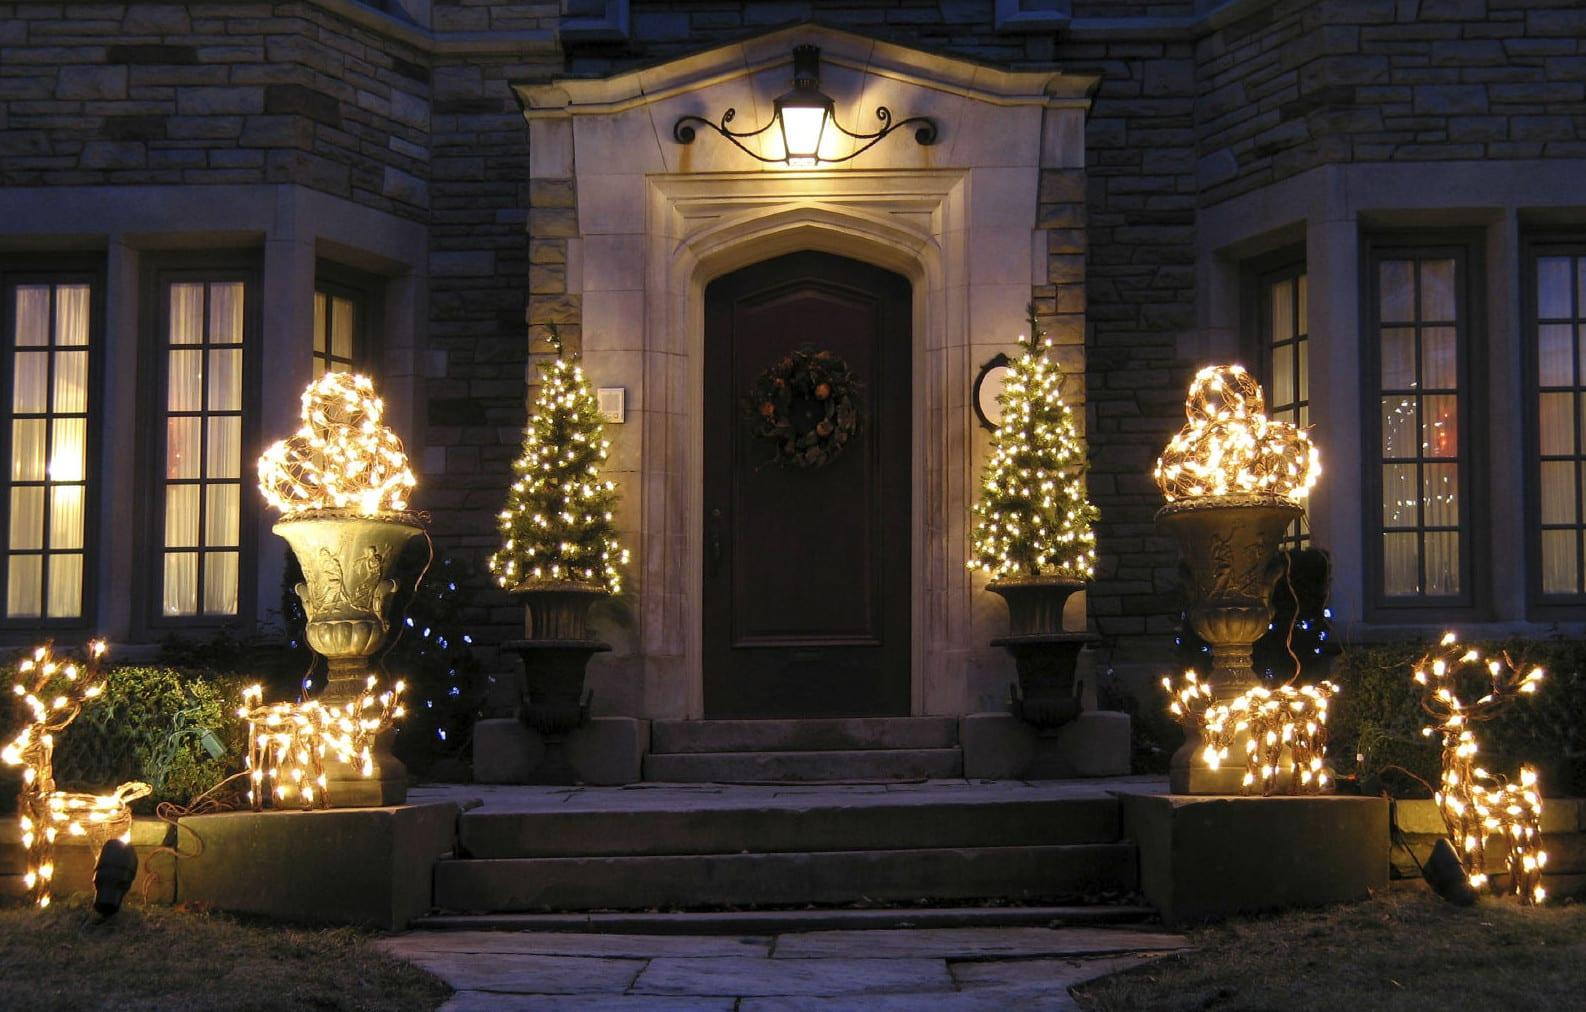 haustüren für moderne eingangsbereiche und eingänge aus naturstein und coole dekoideen zur weihnachtszeit für fröhliche weihnachten überall